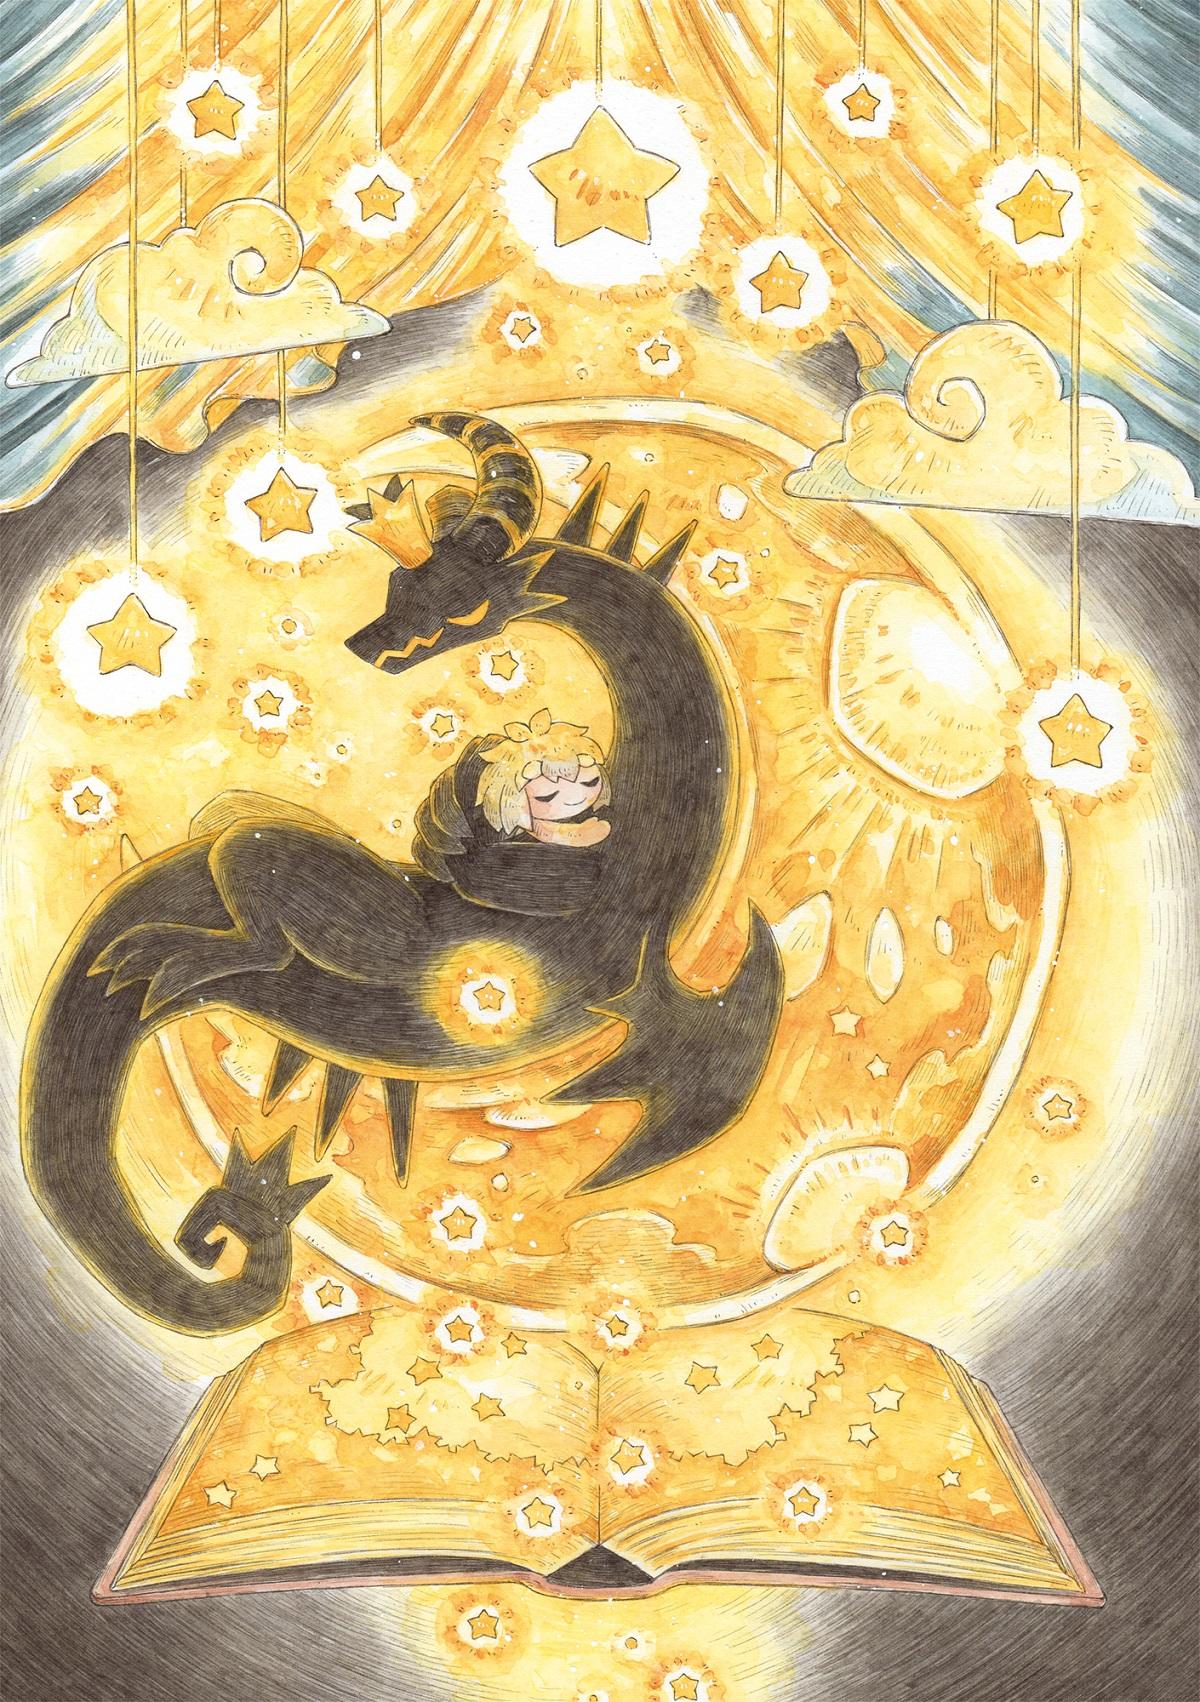 RPG游戏《邪恶国王与出色勇者》将于9月30日在亚洲地区发售